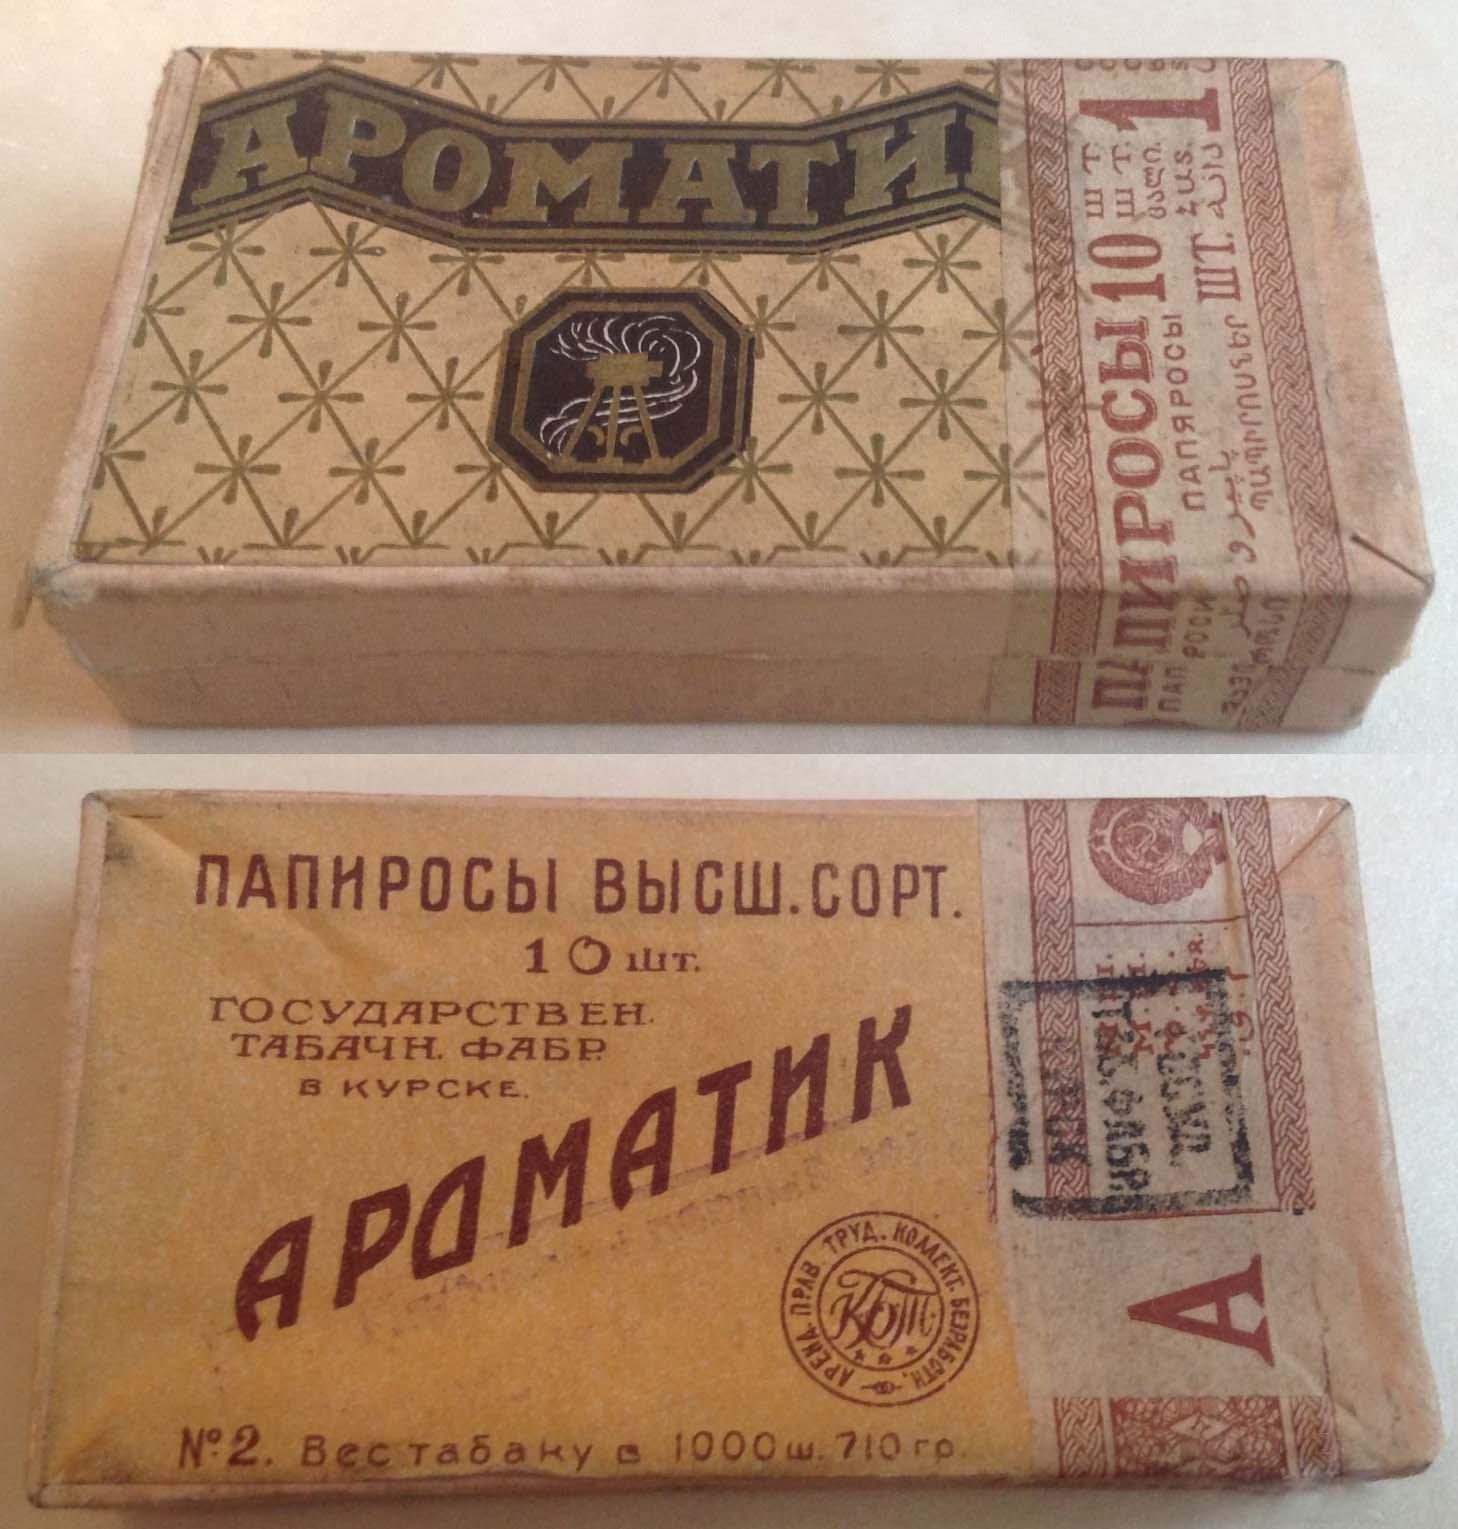 Папиросы Ароматик